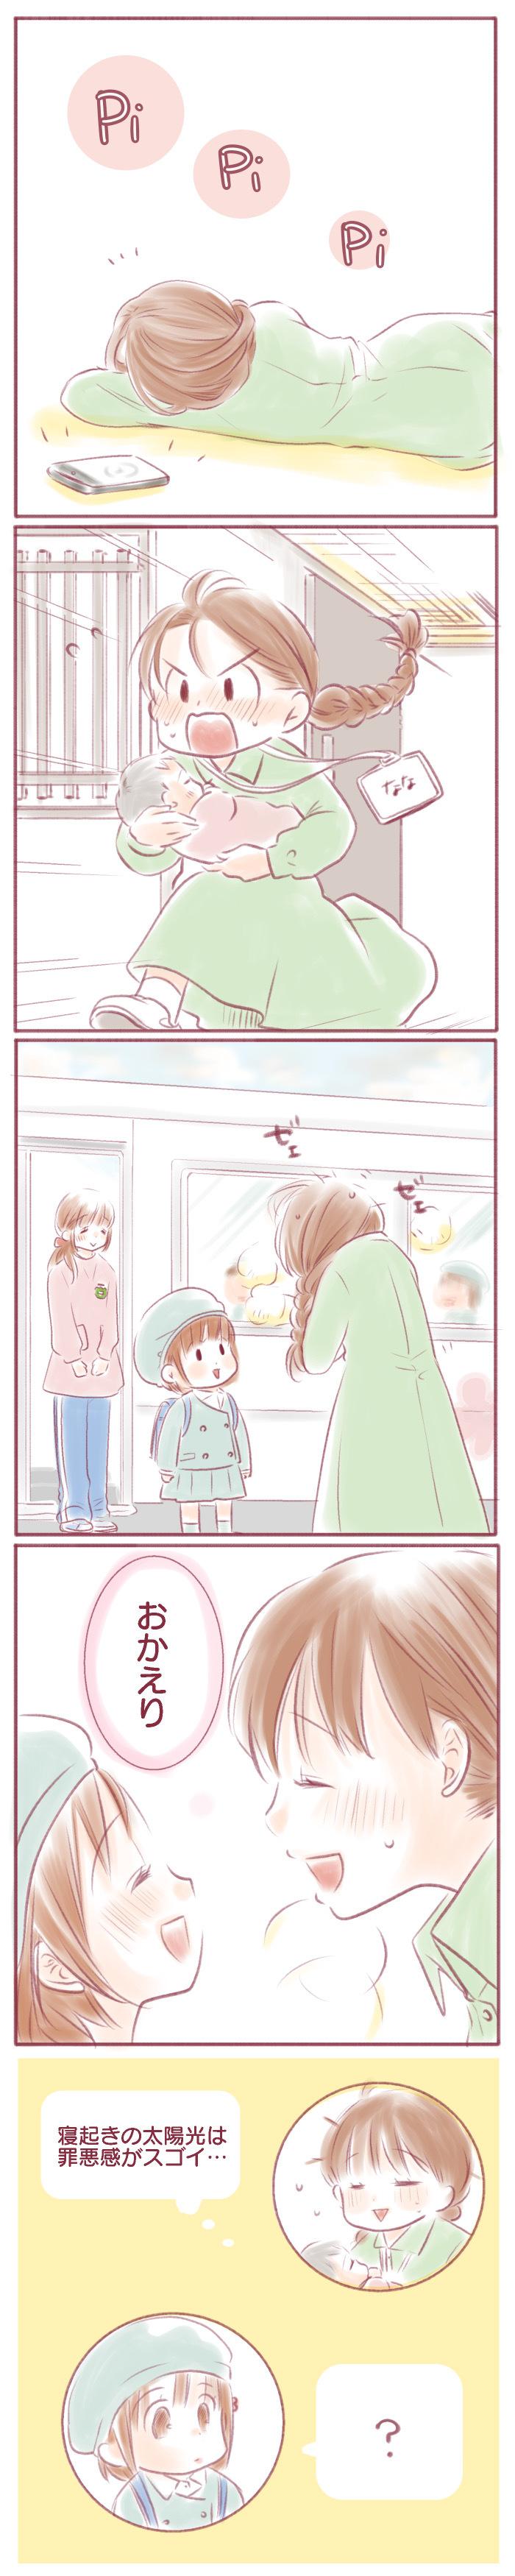 """あっという間にお迎えの時間〜!ママの""""スイッチ""""が切り替わる瞬間の画像1"""